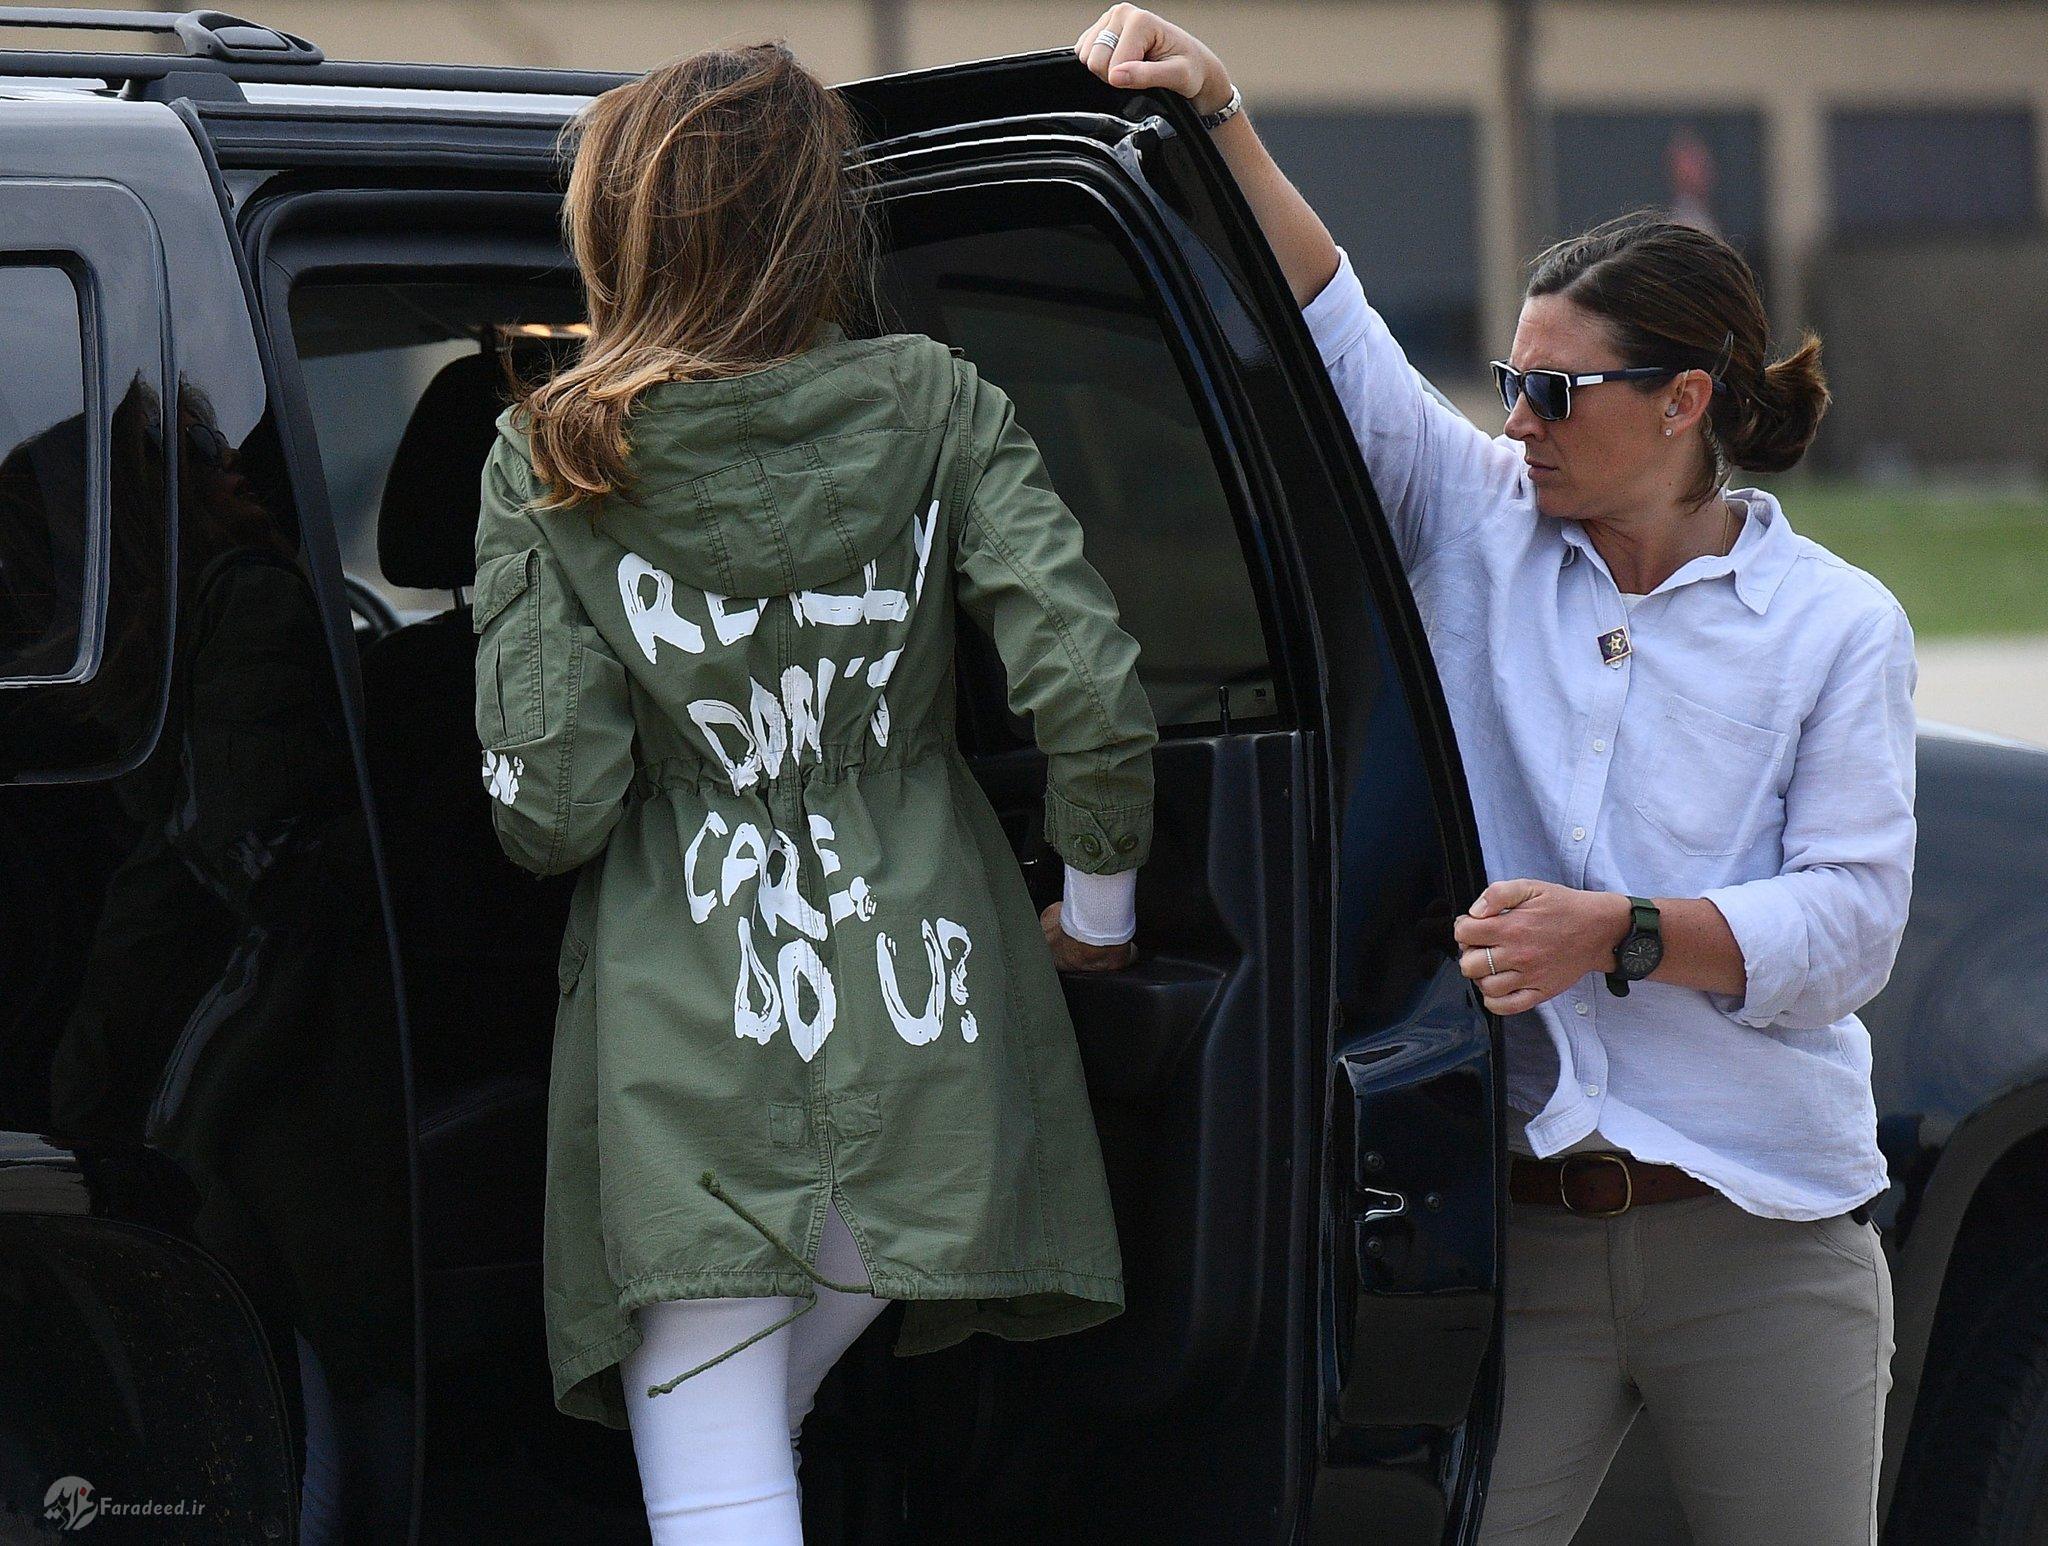 مخاطب جملهای عجیبی که روی کت همسر ترامپ نوشته شده بود، چه کسی بود؟+ تصاویر